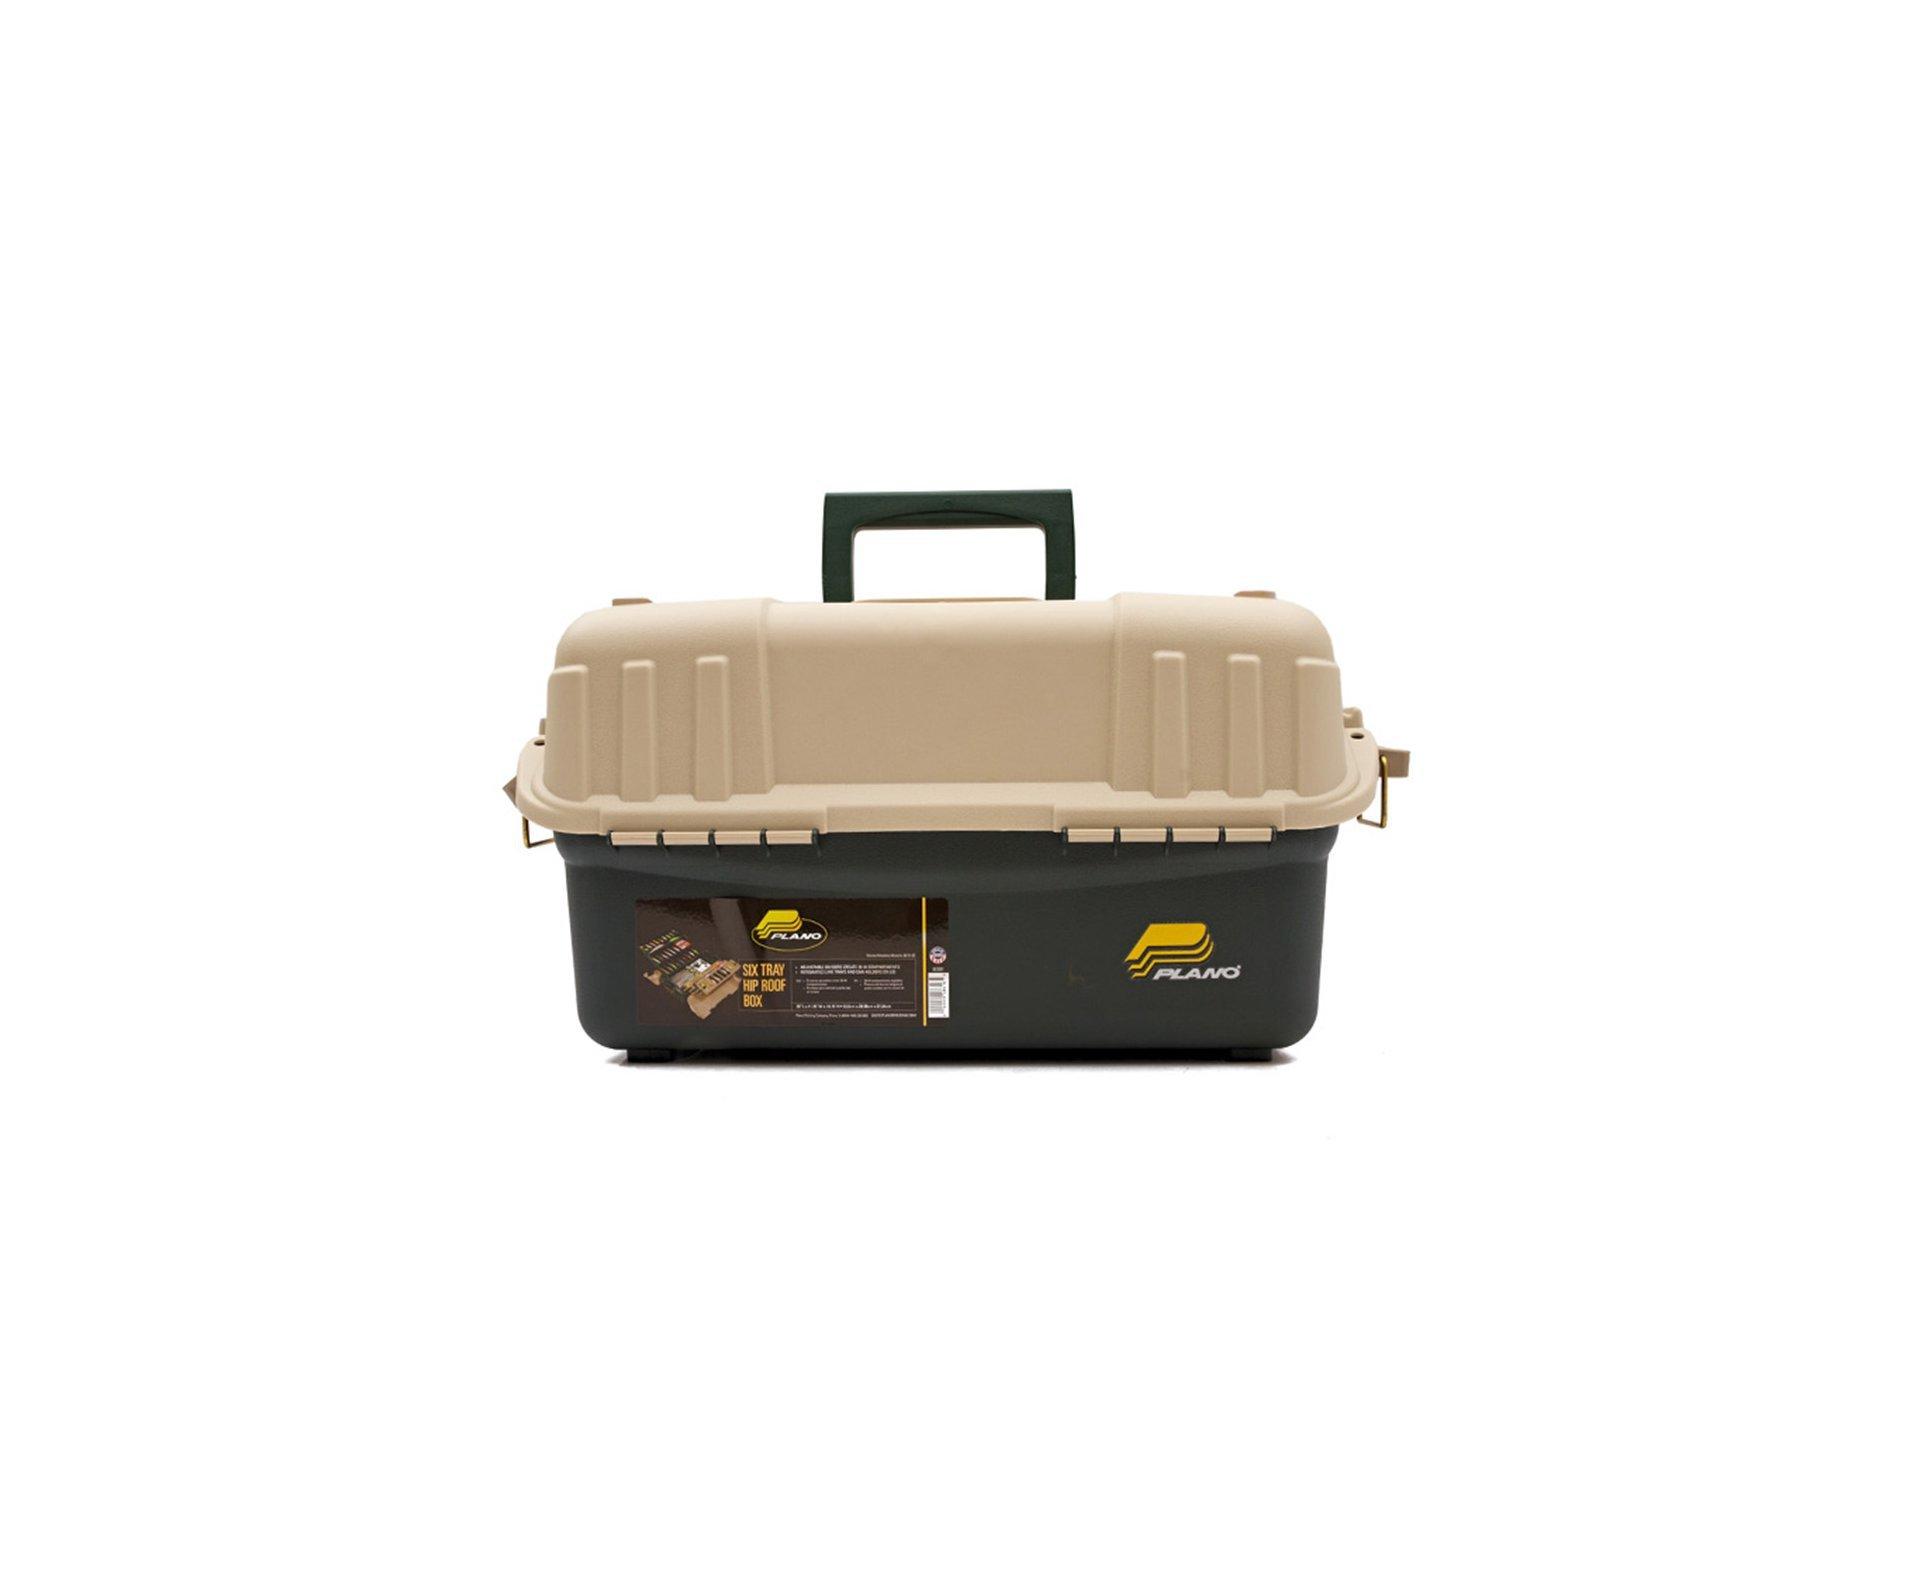 Caixa Para Pesca Com 6 Bandeja E Divisores - (8616-00) Magnum - Plano